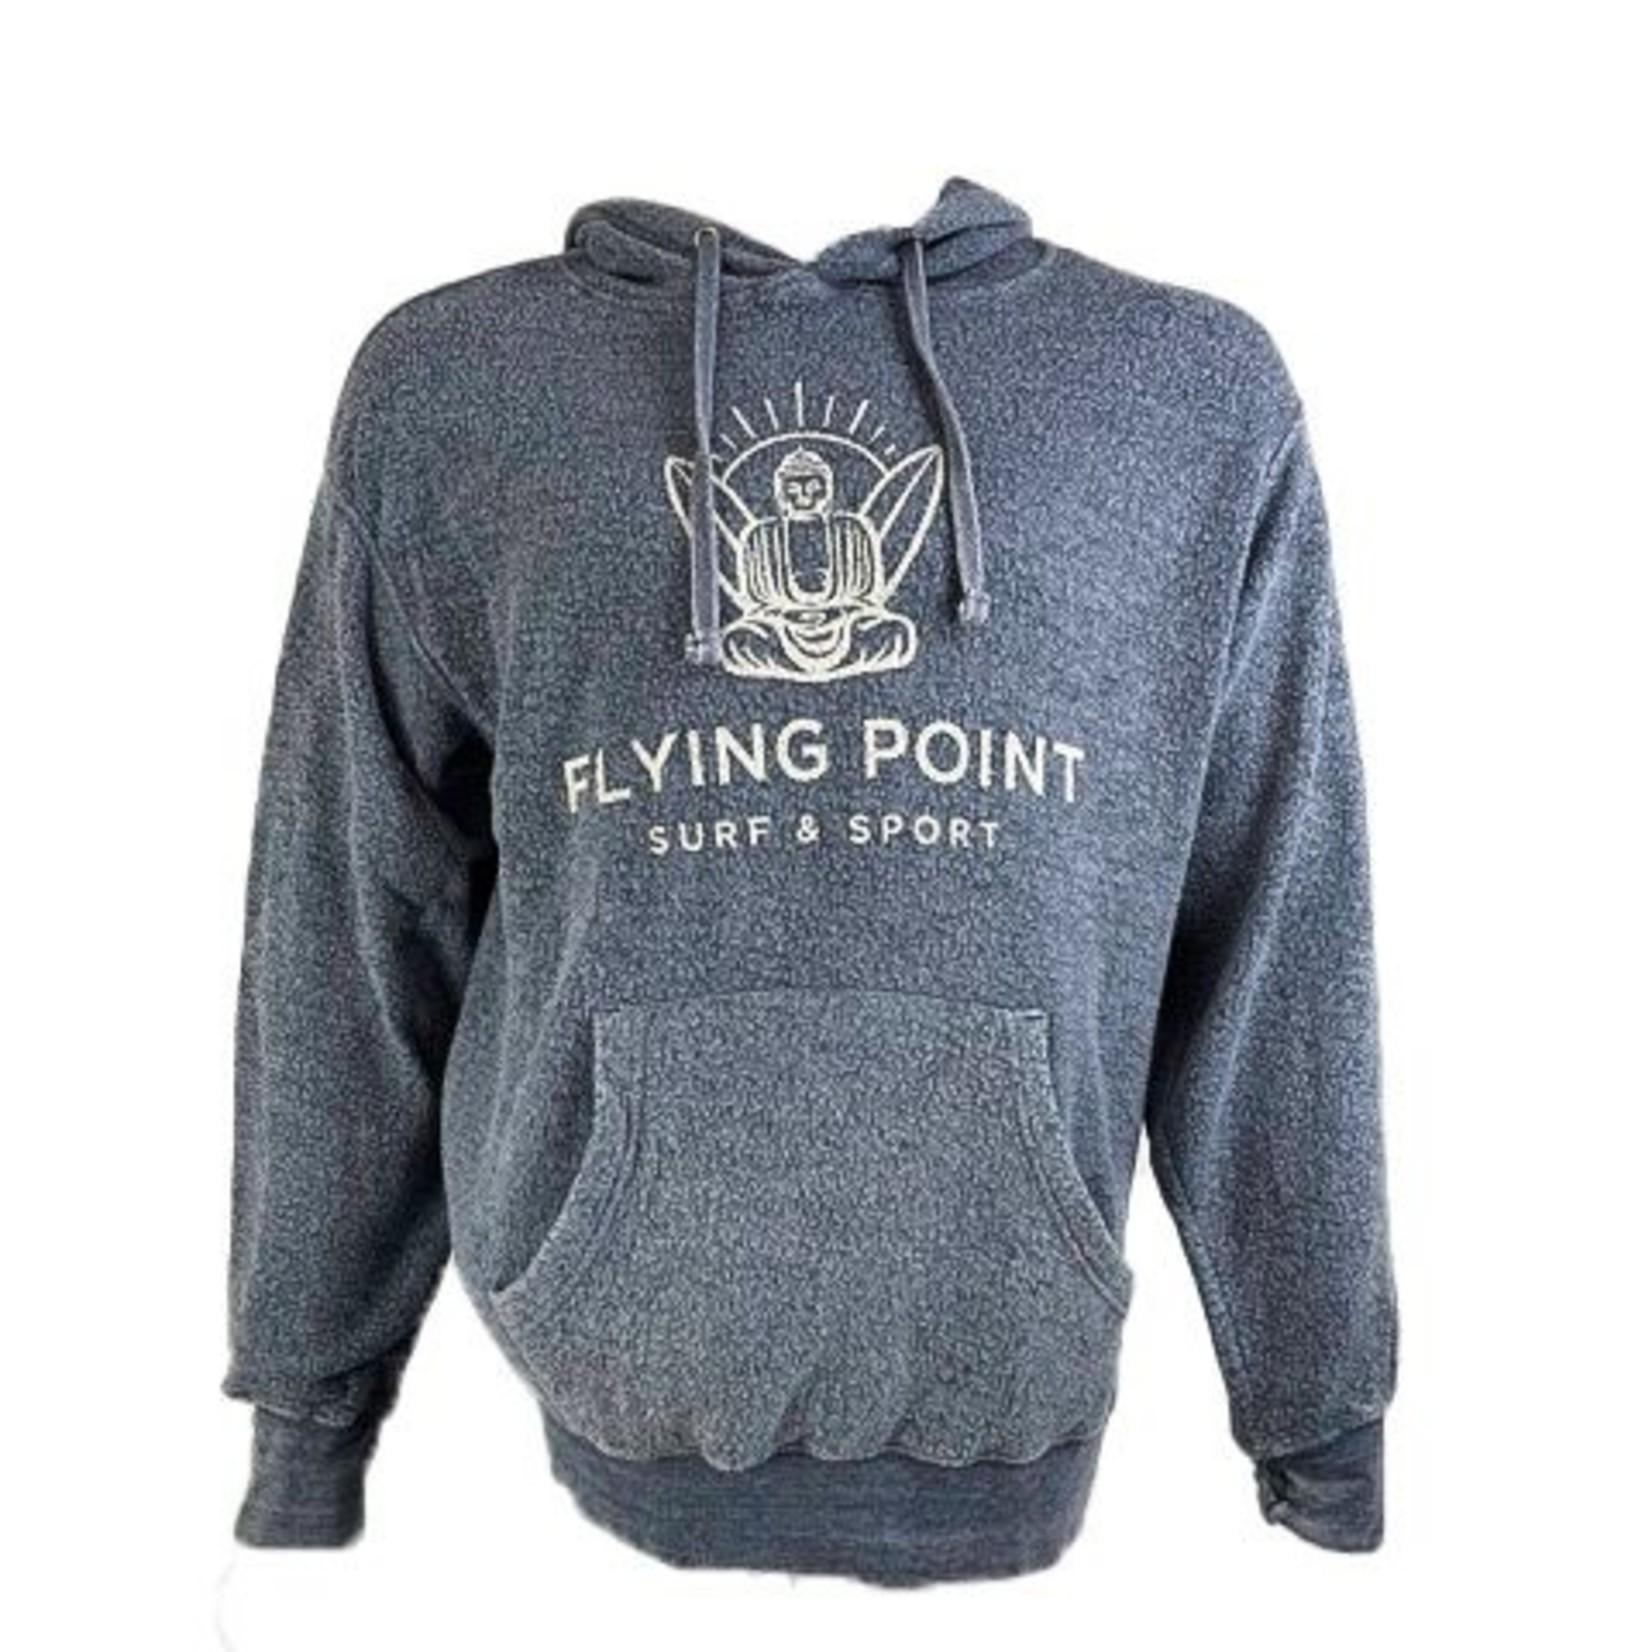 Flying Point Buddha Fleece Lake Blue Sweatshirt